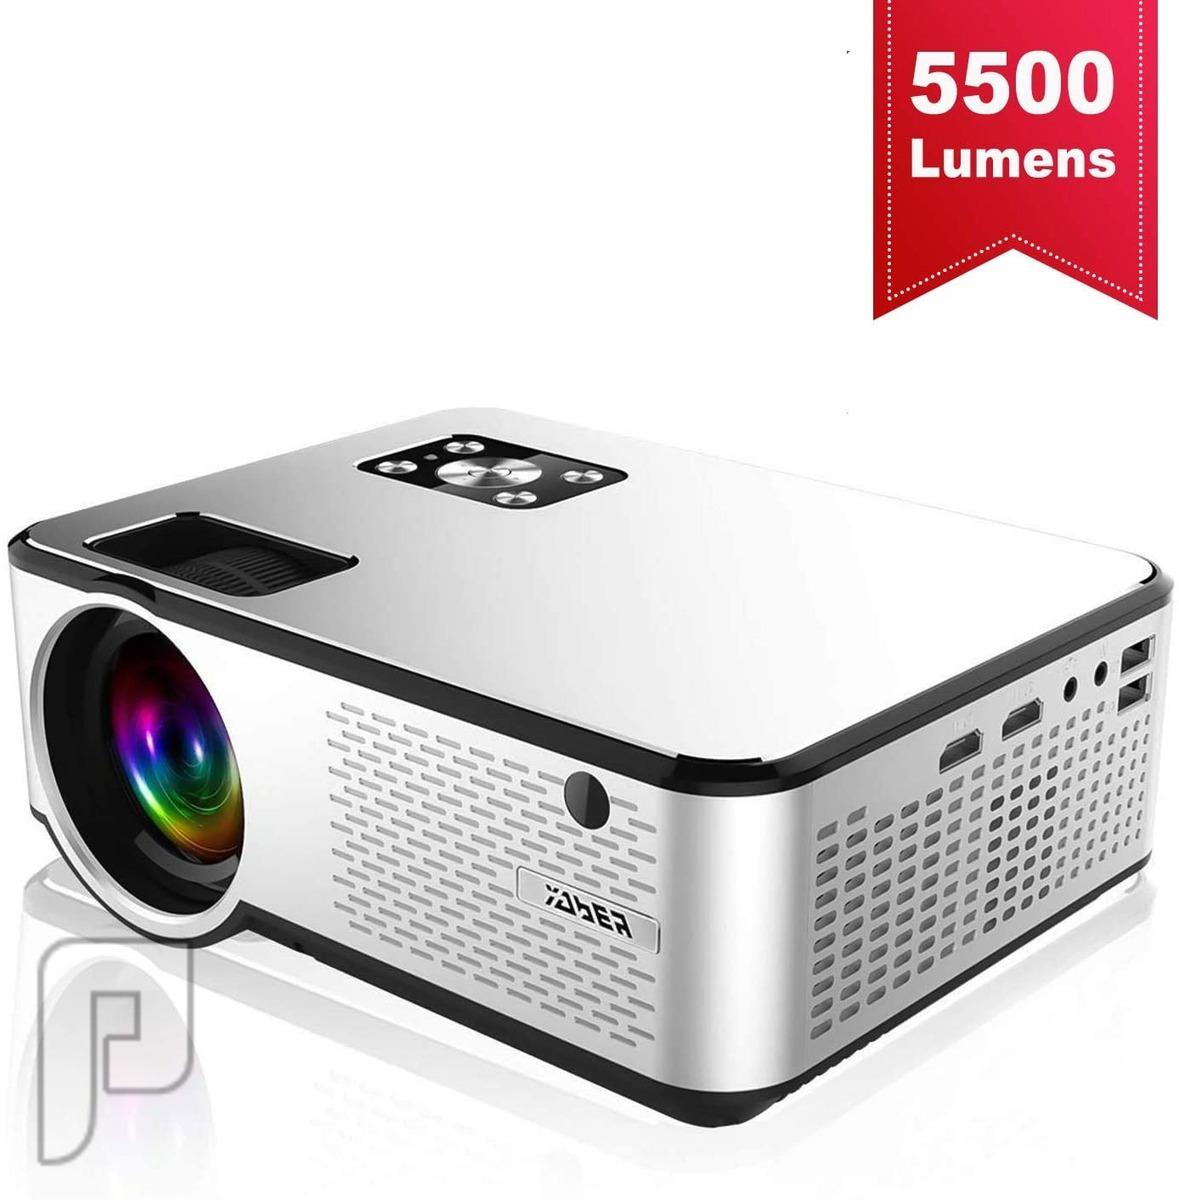 بروجكتر 5500 لومين بدقة 1080P عالي الجودة الجديد الان متوفر